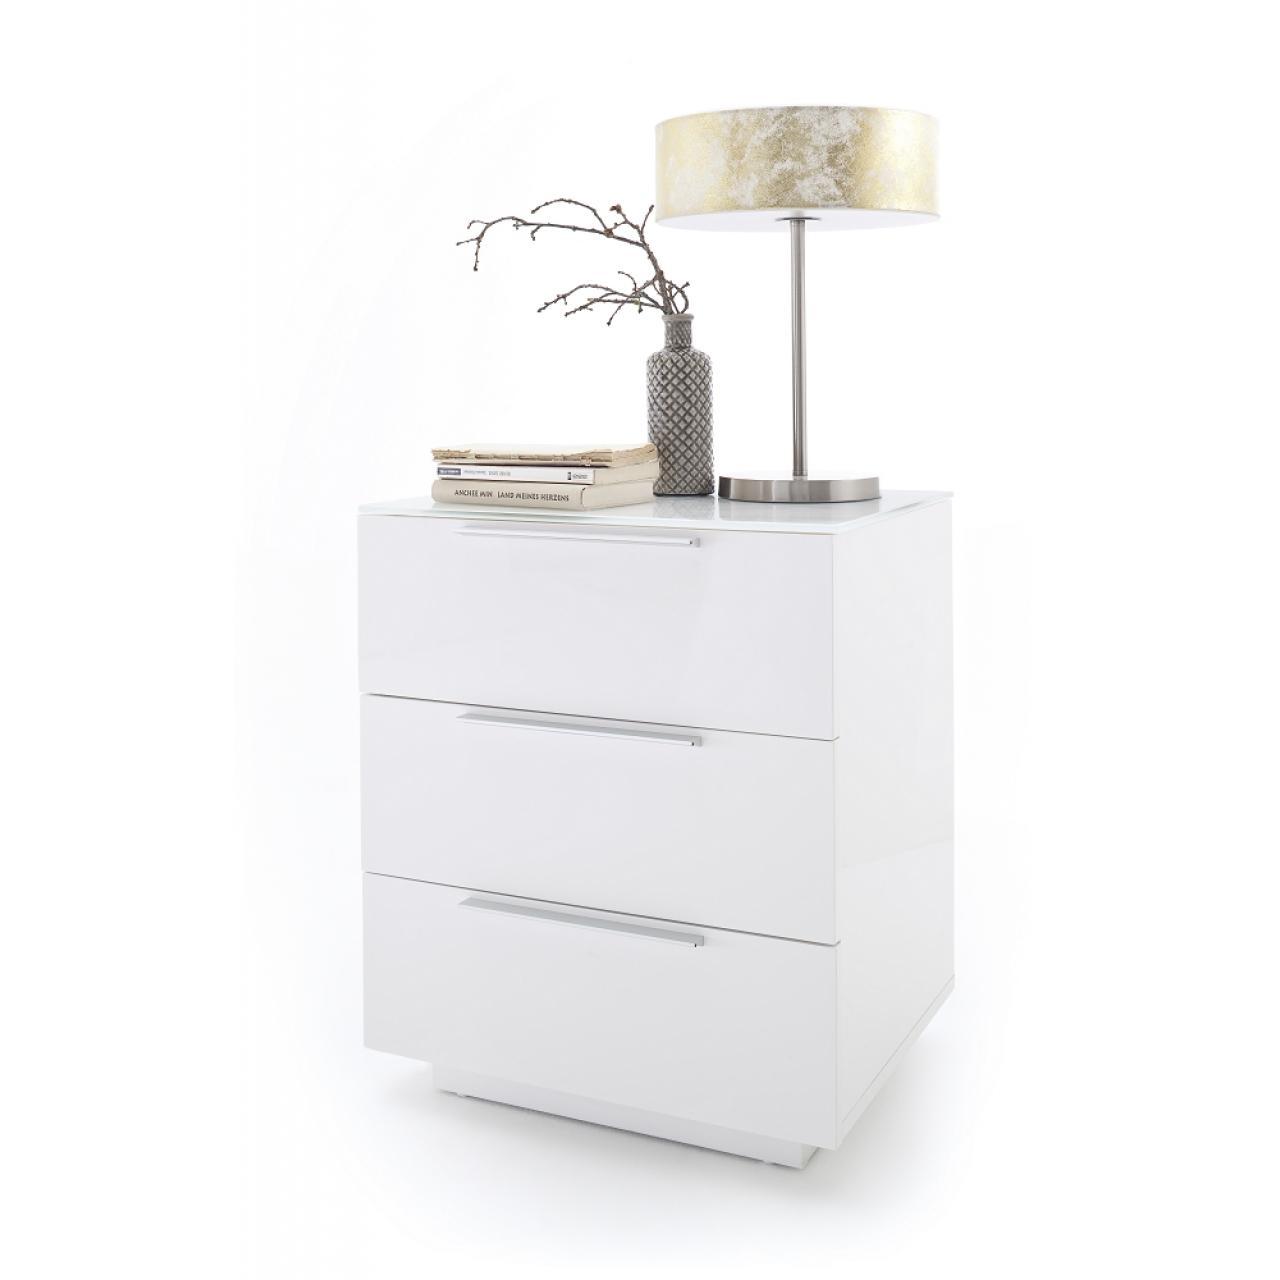 schlafzimmer online kaufen schlafzimmerm bel m bel j hnichen center gmbh. Black Bedroom Furniture Sets. Home Design Ideas